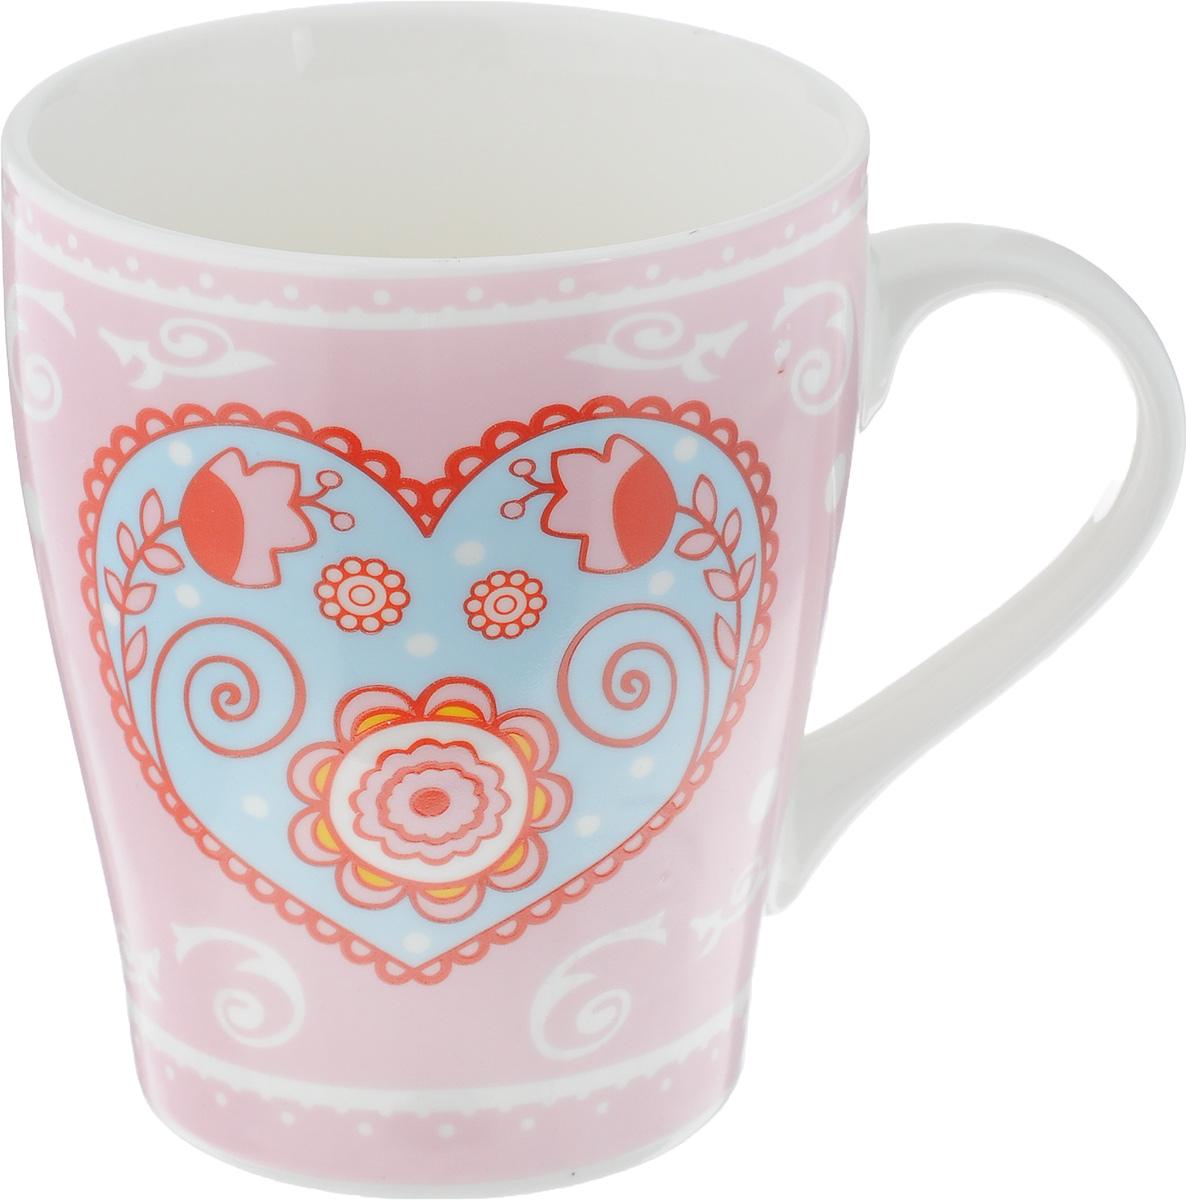 Кружка Loraine, цвет: розовый, 350 мл. 2211222112Кружка Loraine выполнена из высококачественного фарфора с глазурованным покрытием и оформлена оригинальным рисунком. Посуда из фарфора позволяет сохранить истинный вкус напитка, а также помогает ему дольше оставаться теплым. Изделие оснащено удобной ручкой. Такая кружка прекрасно оформит стол к чаепитию и станет его неизменным атрибутом. Можно мыть в посудомоечной машине и использовать в СВЧ. Диаметр кружки (по верхнему краю): 8 см. Высота чашки: 10,5 см.